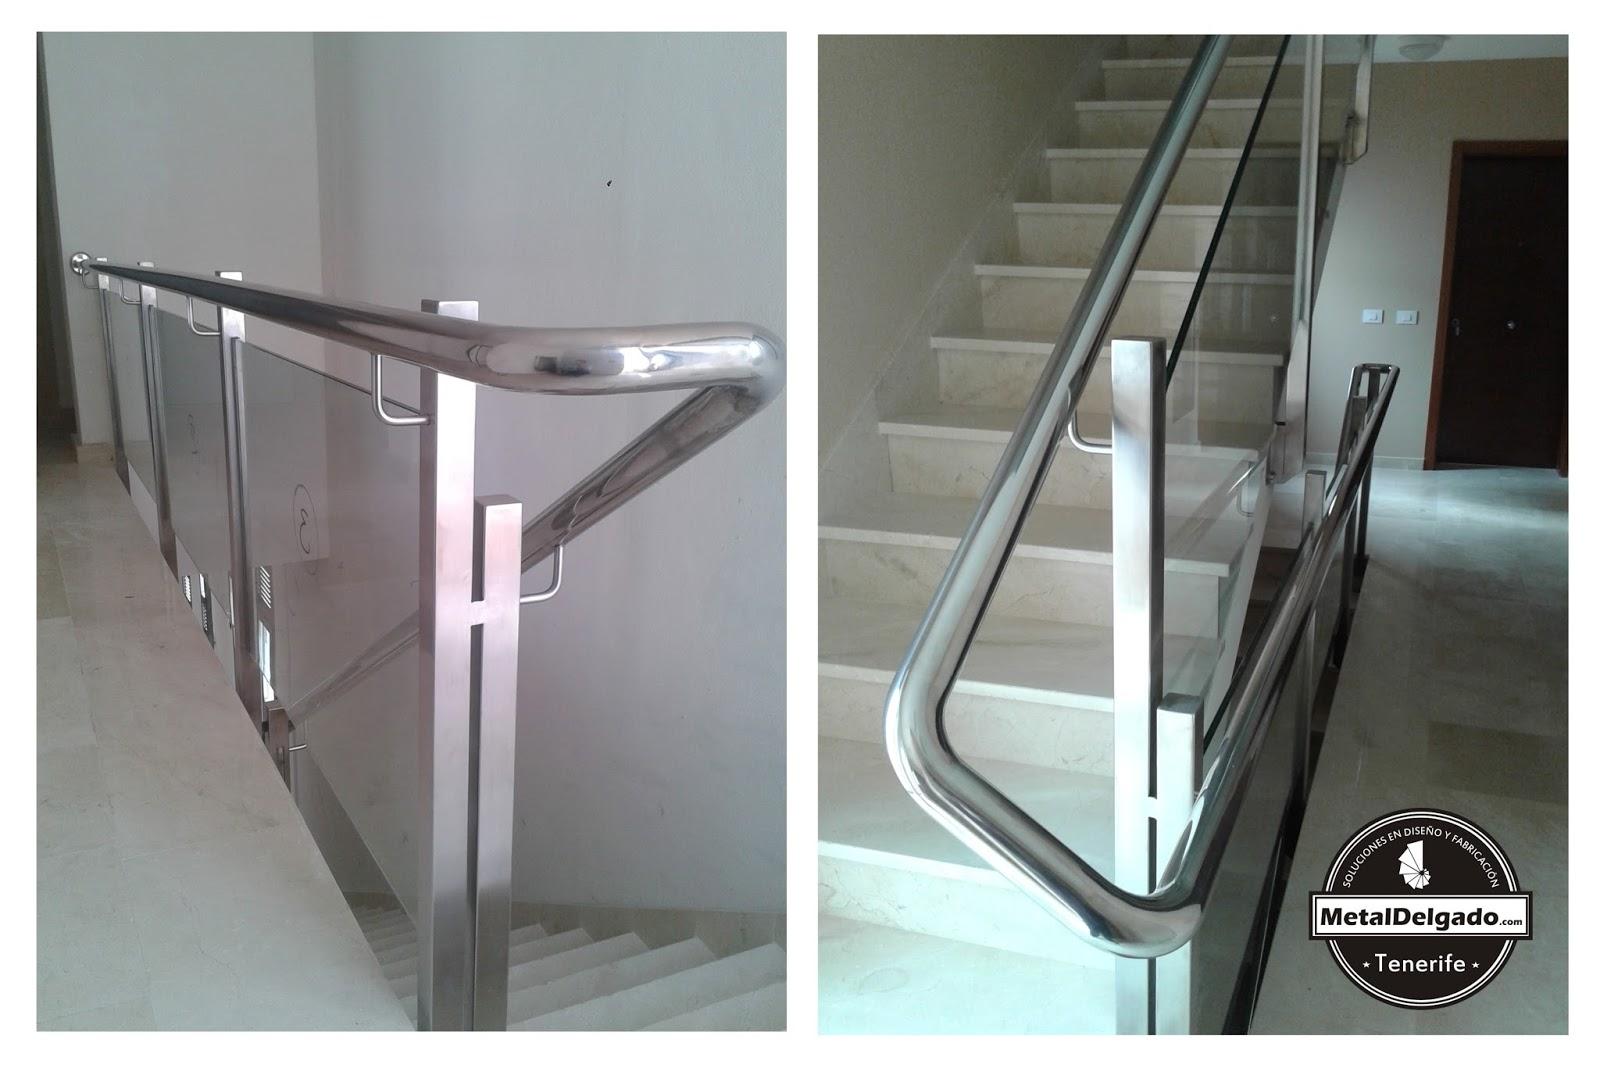 Acero inoxidable tenerife barandas acero inoxidable para - Escaleras con barandilla de cristal ...